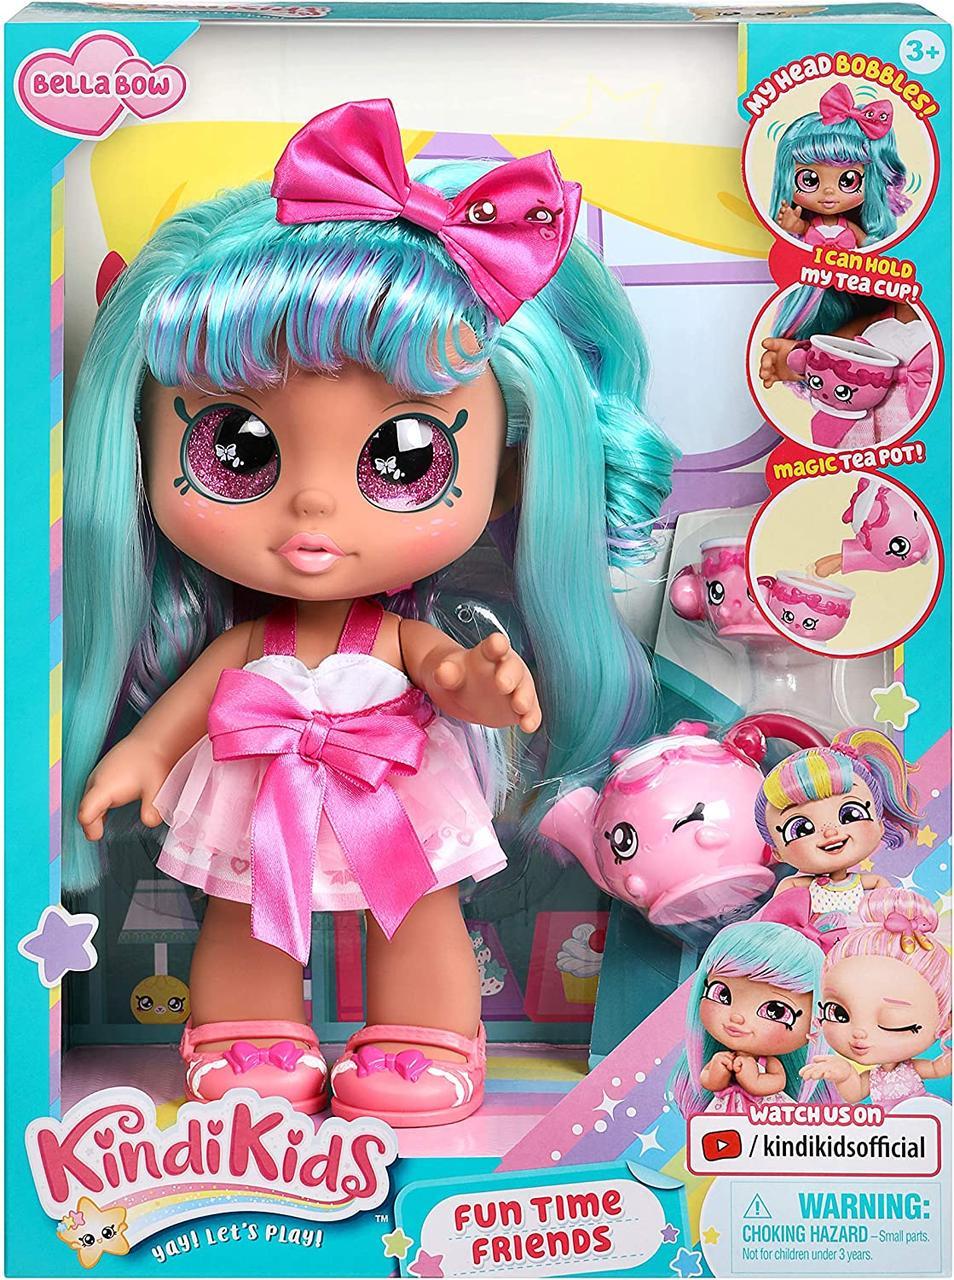 Кукла кинди кидс Белла Боу Время друзей kindi kids Bella Bow Snack Time Friends 50116 Пром-цена